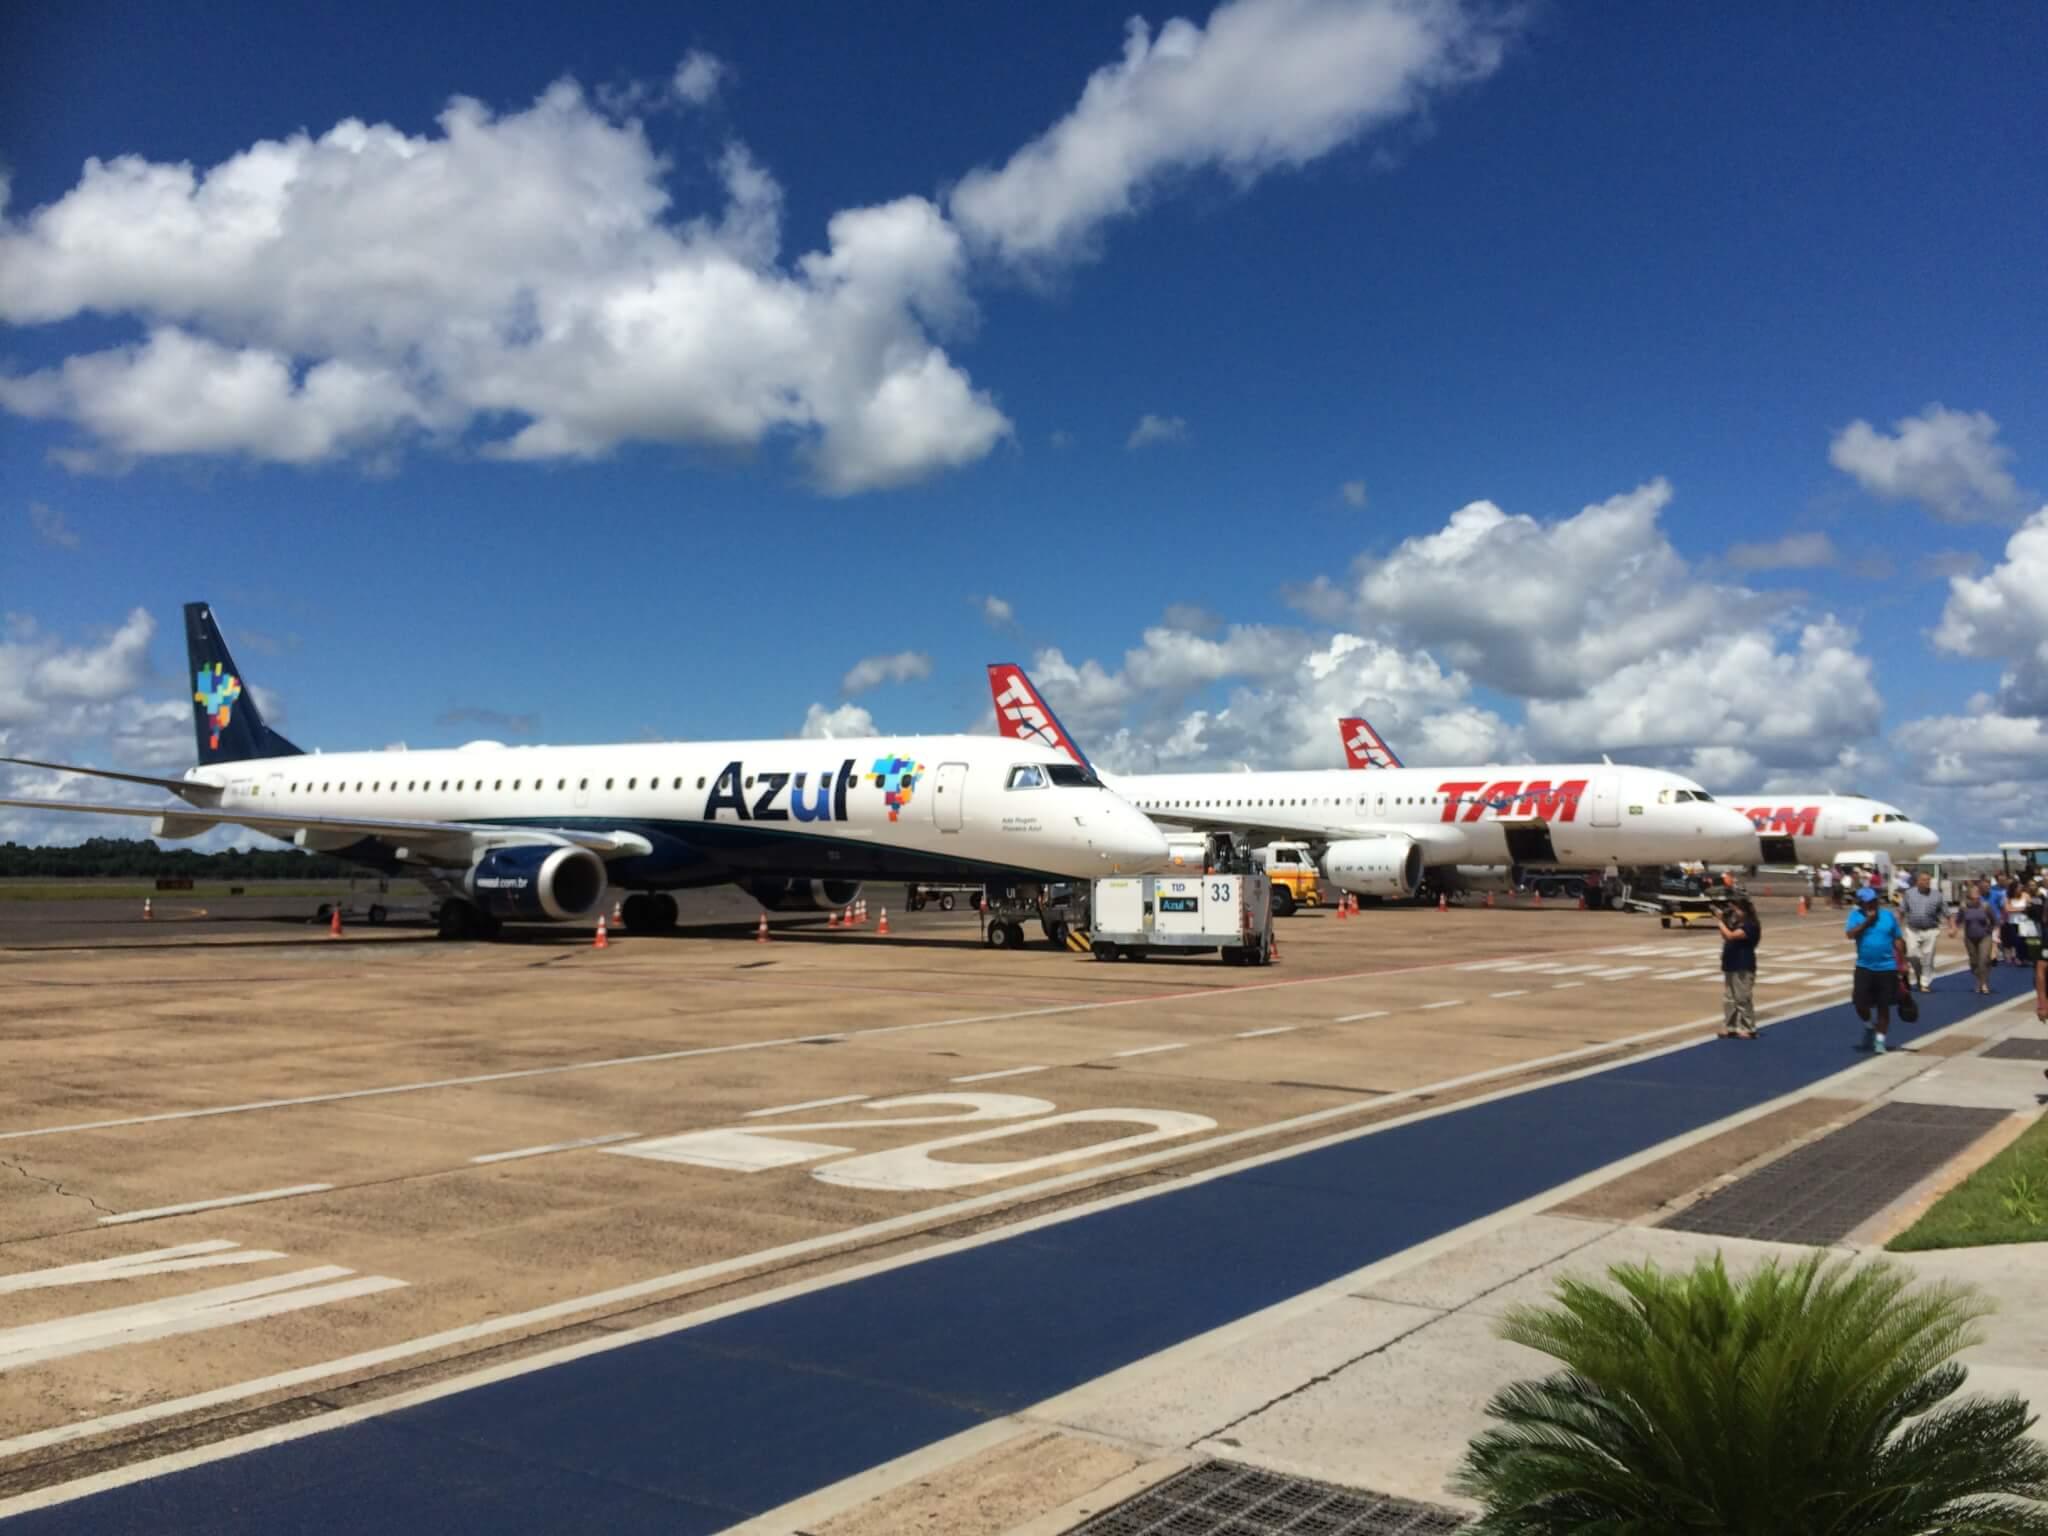 Aeroporto Internacional de Foz do Iguaçu/Cataratas (IGU)